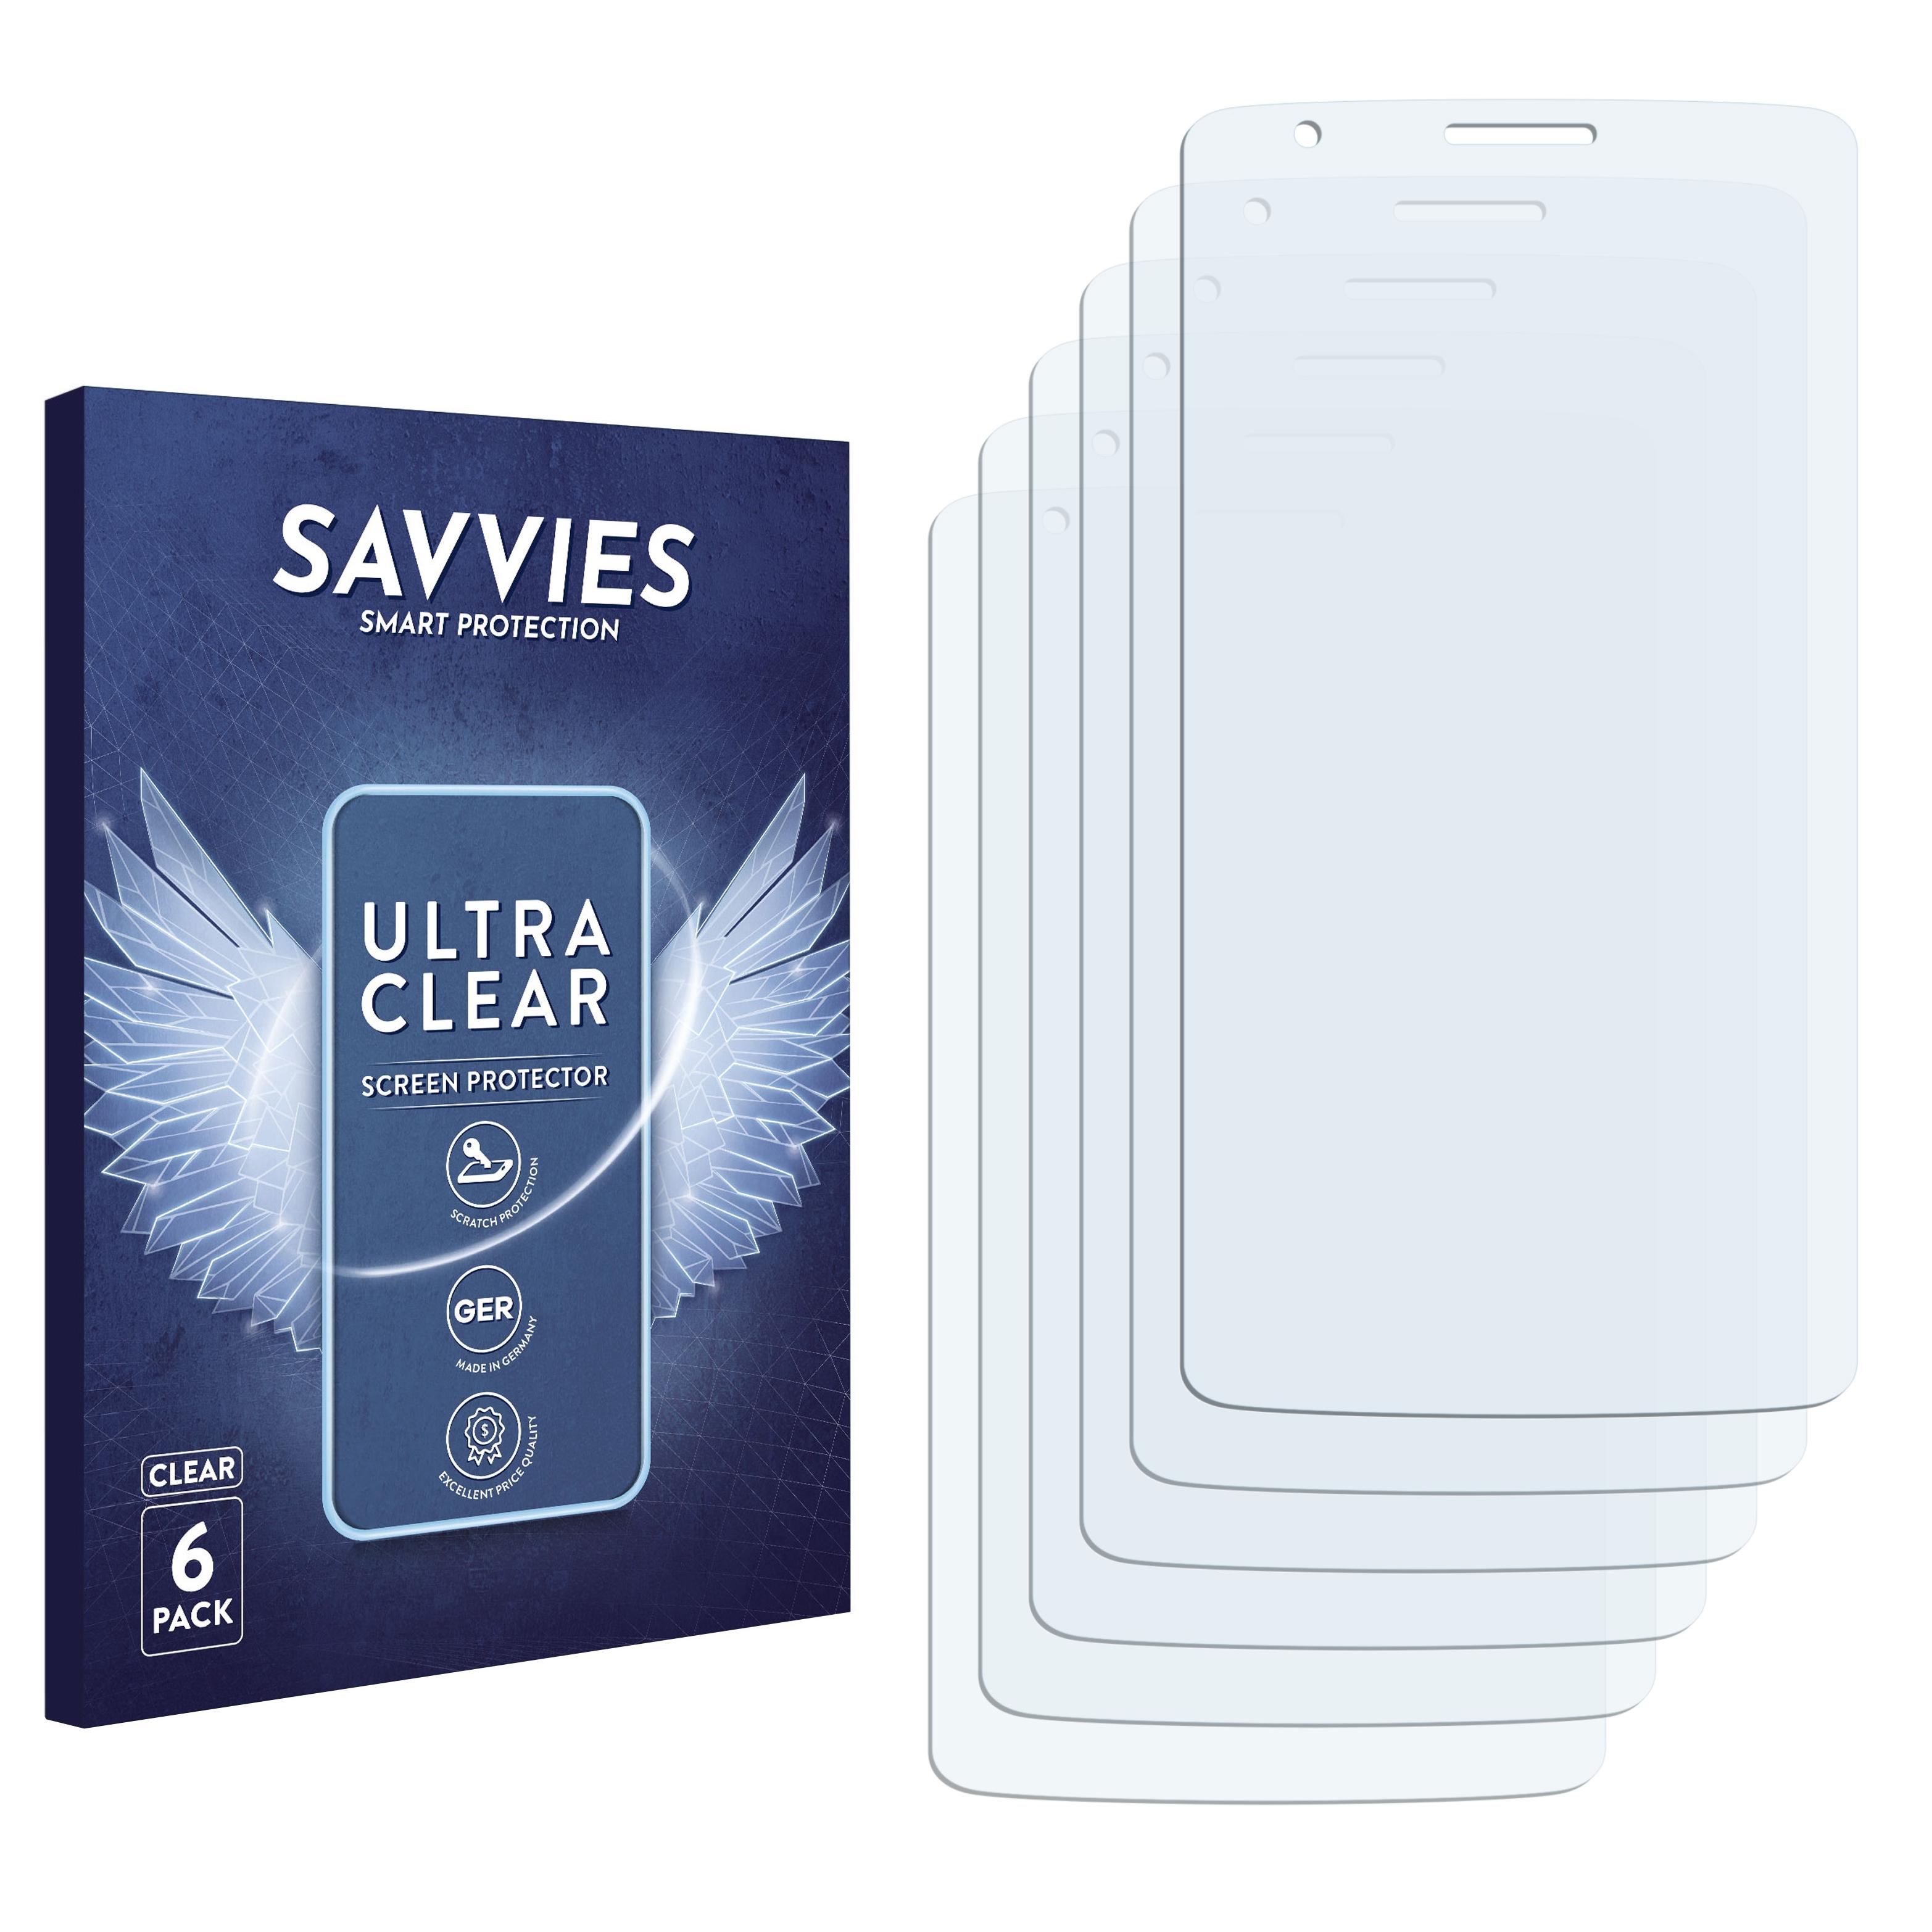 Ochranná fólie Savvies na LG G3 Stylus, 6ks